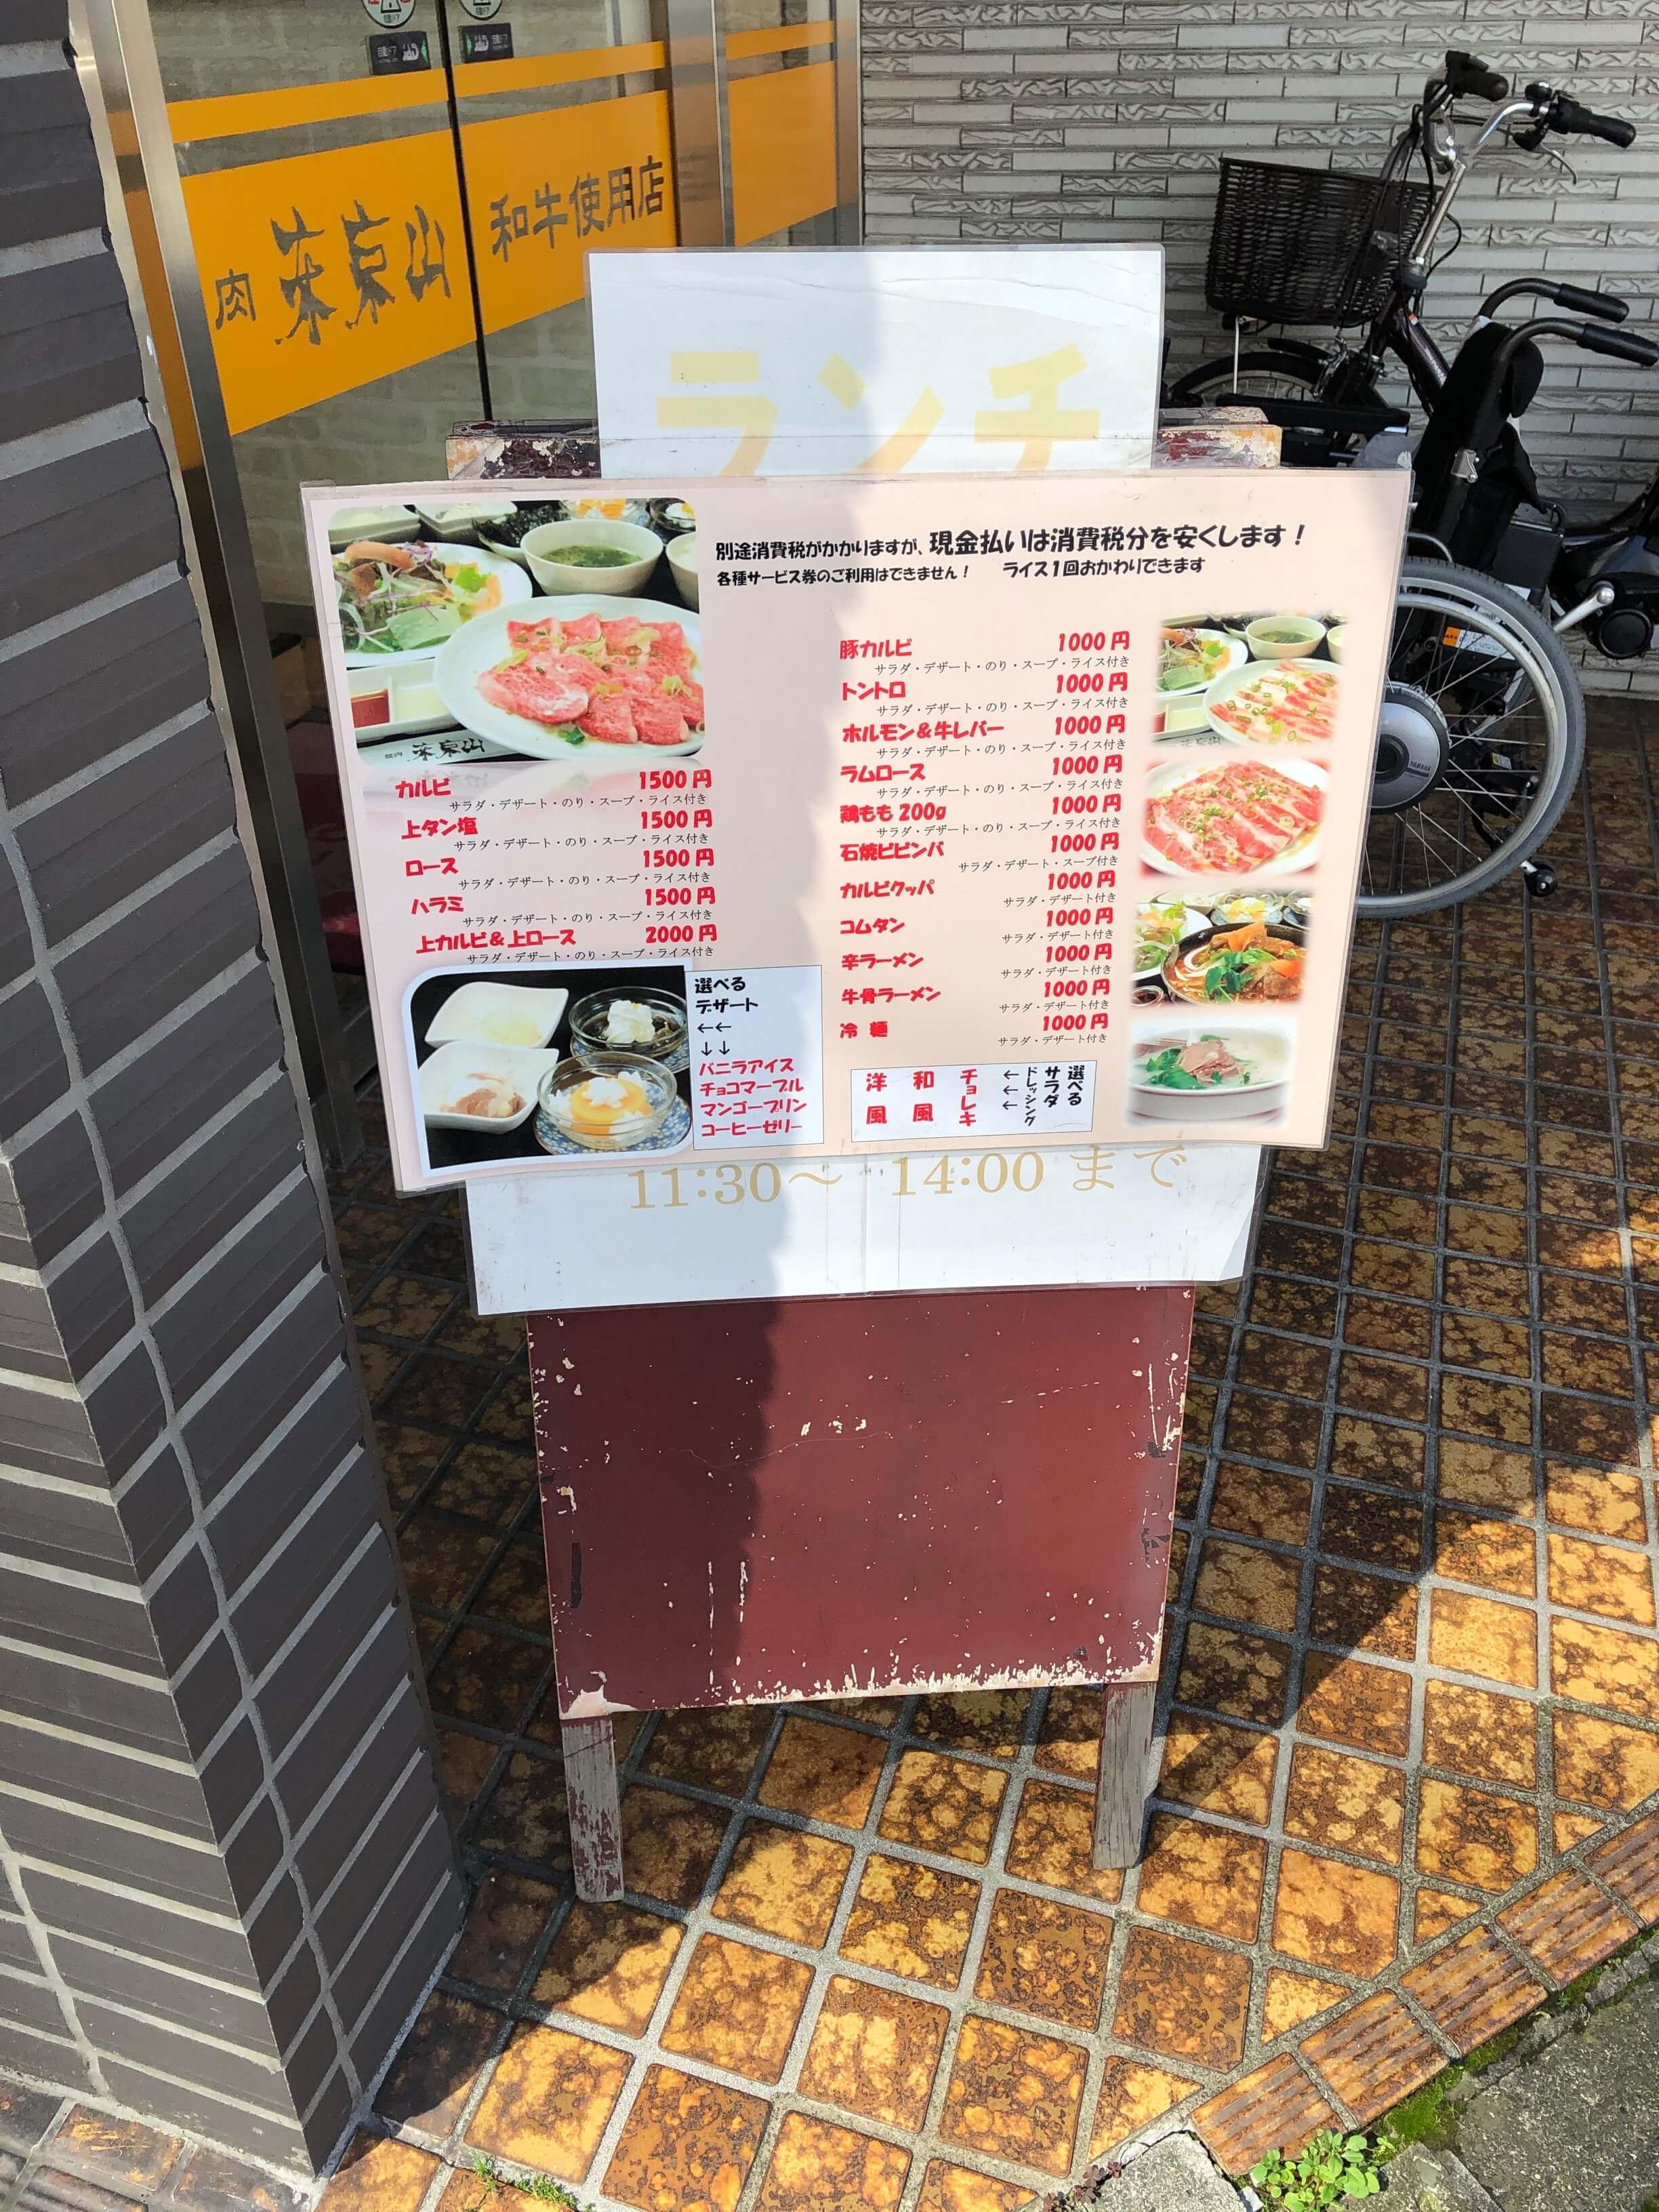 東京山 メニュー 2020.03.11